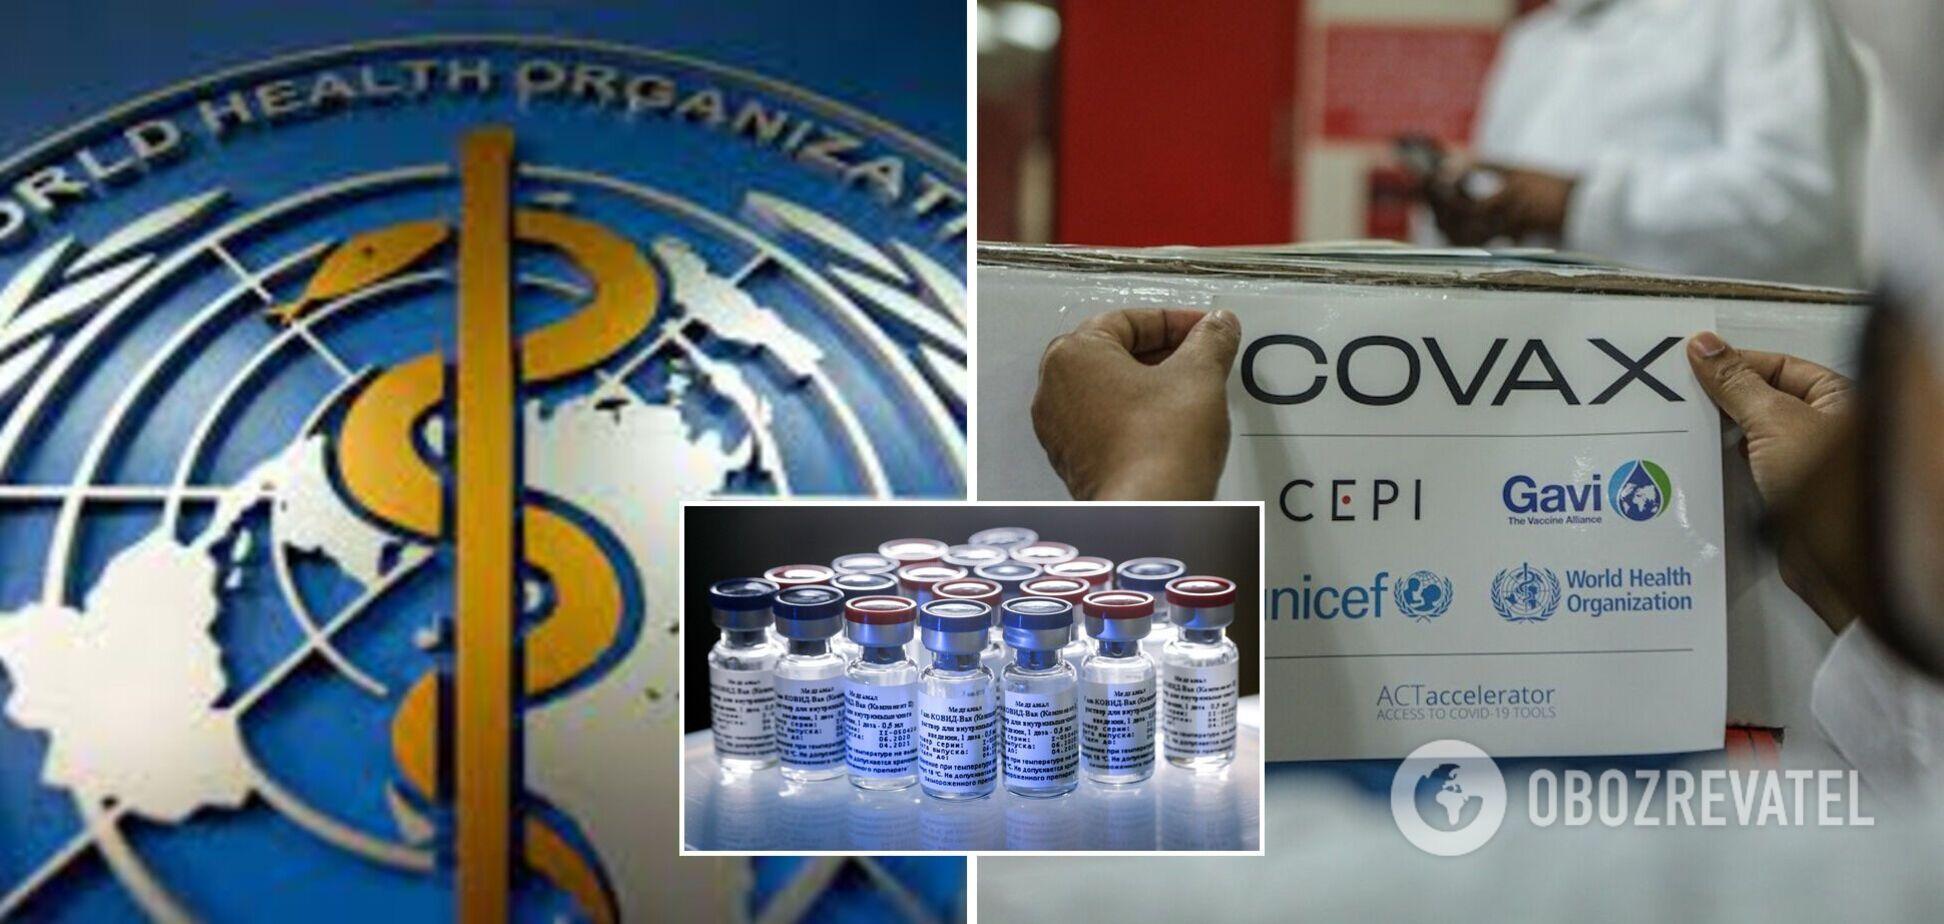 COVAX призвала Европу признать все вакцины, одобренные ВОЗ